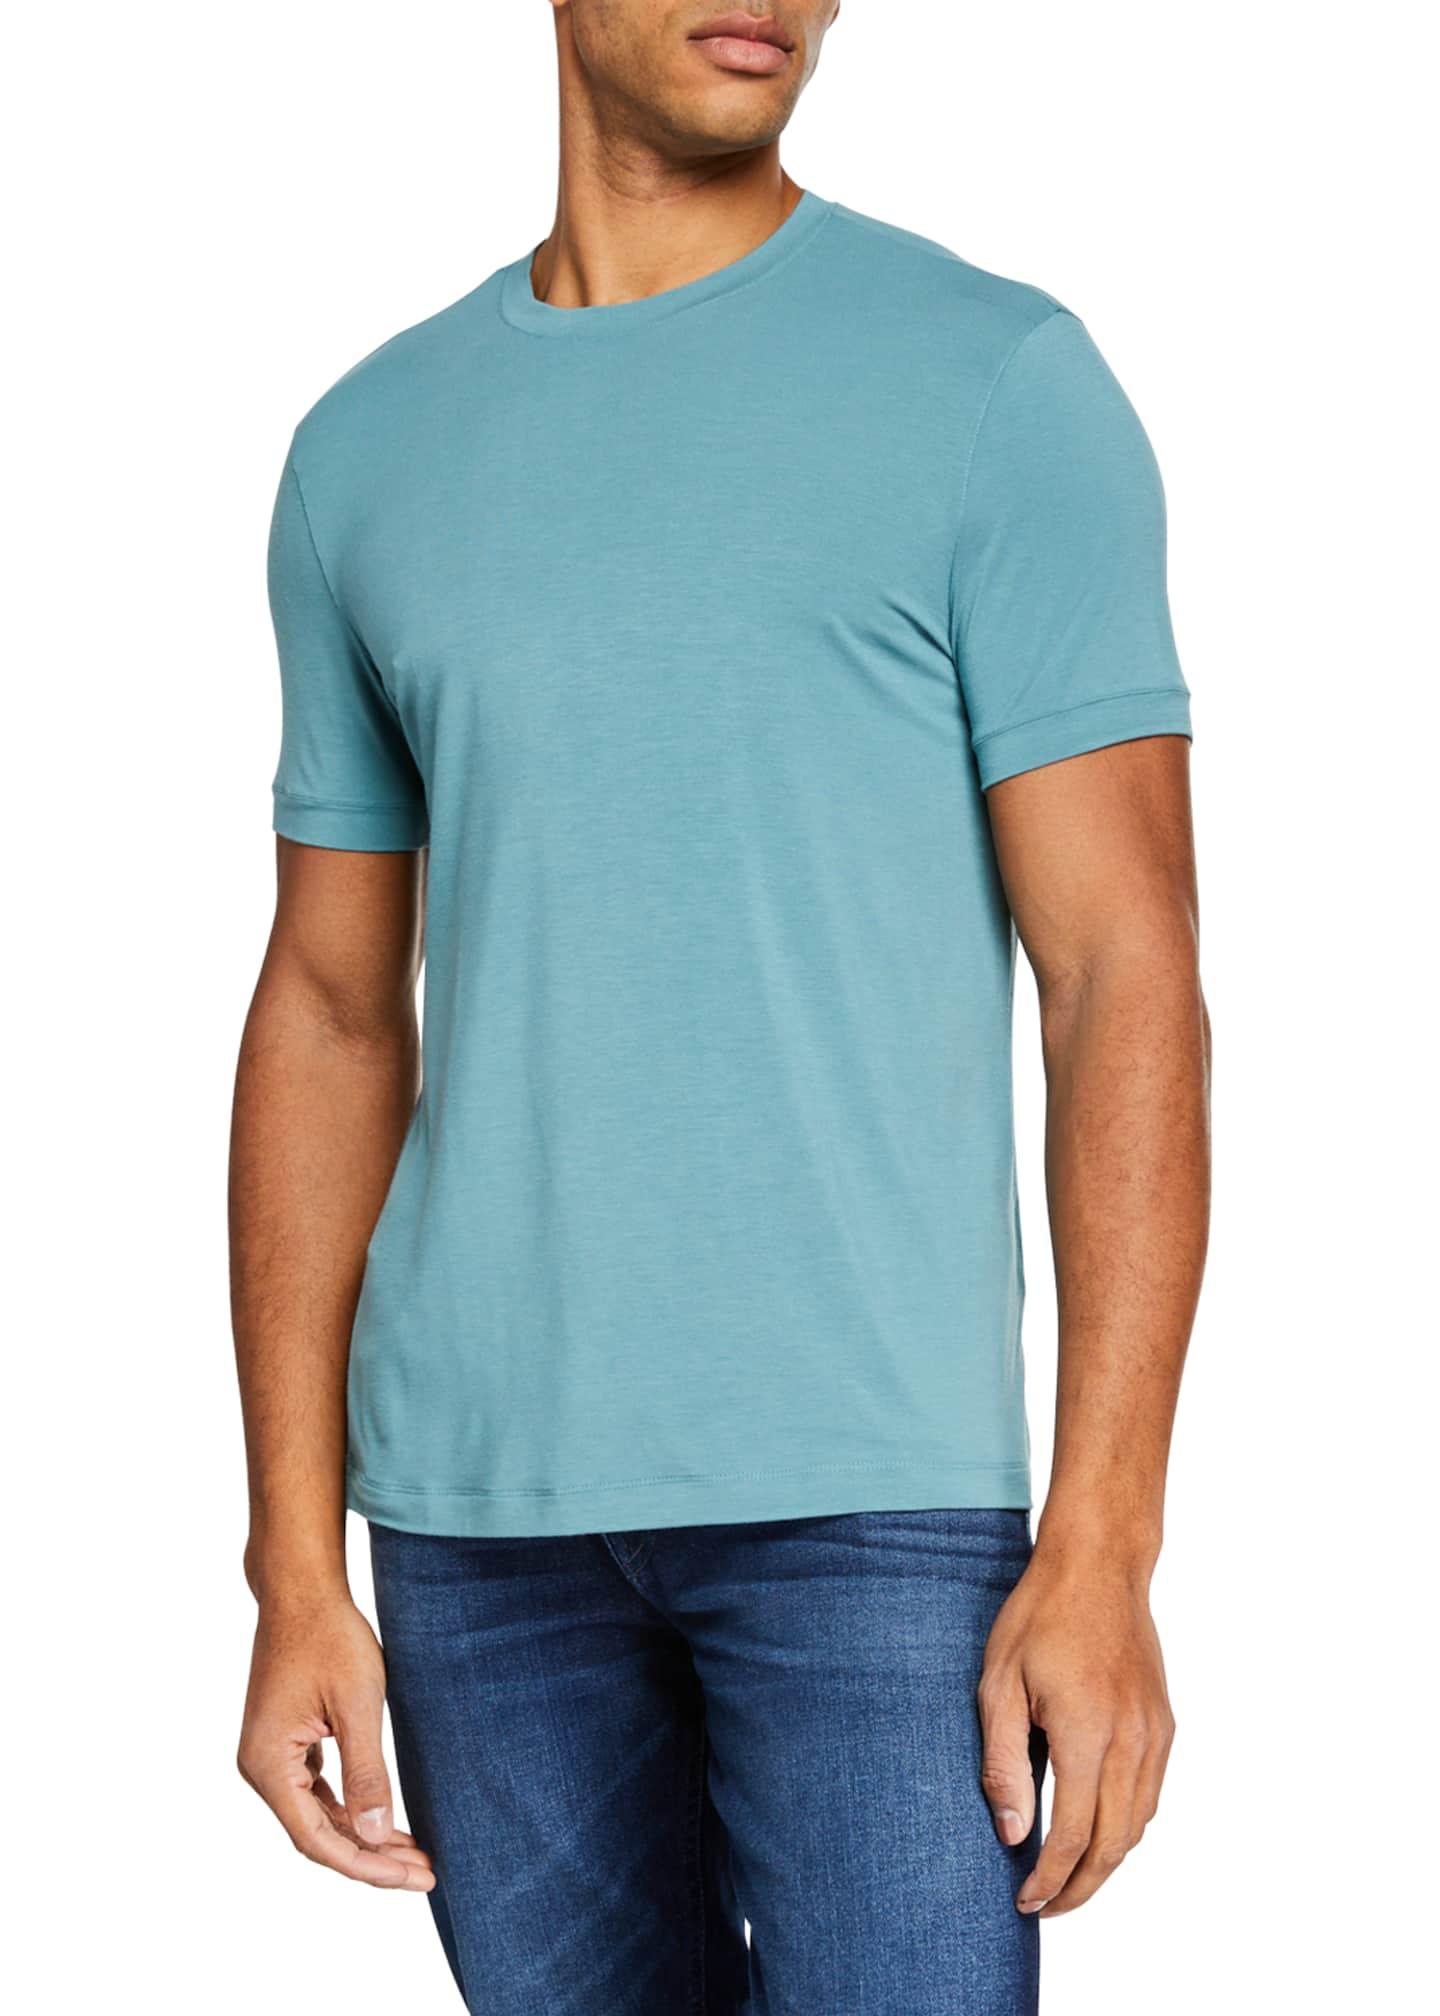 Giorgio Armani Men's Stretchy Crewneck T-Shirt